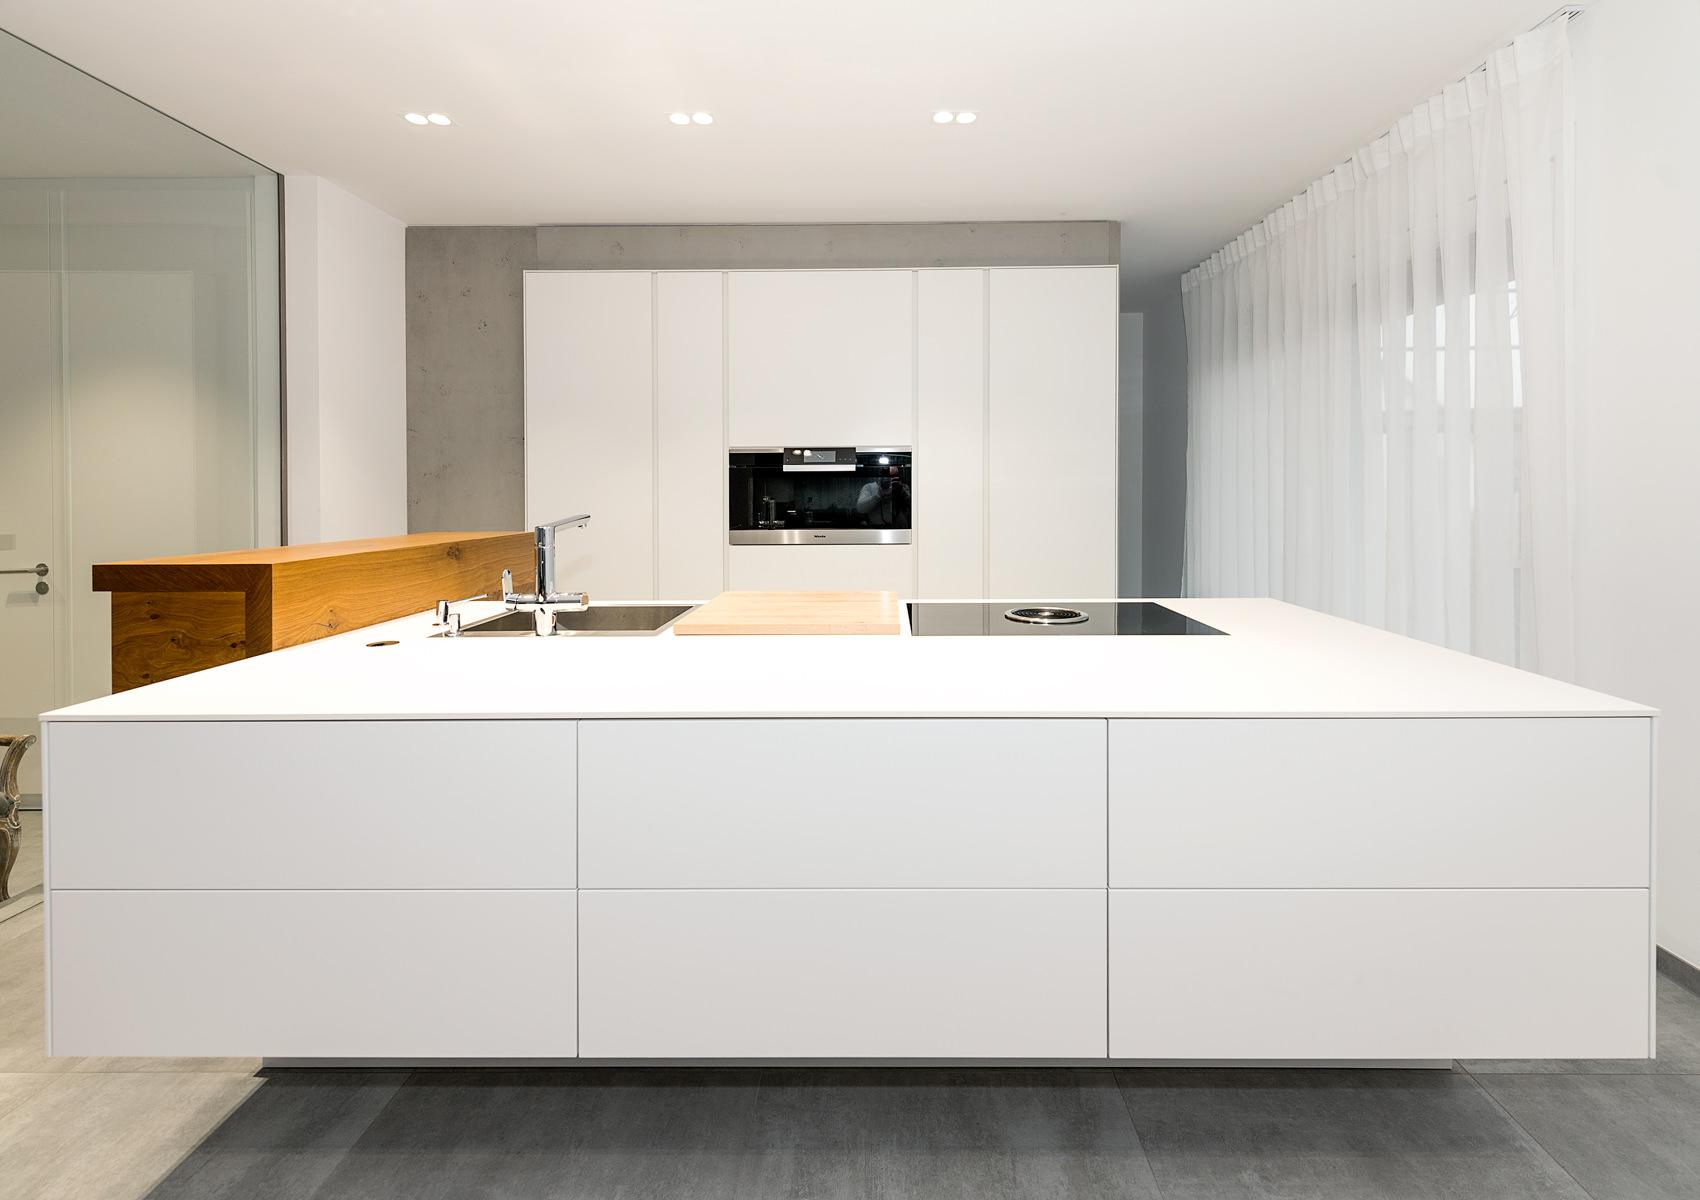 Küchenblock mit bar  Küchenblock mit Bar – Reiner Knabl – Möbelwerkstatt